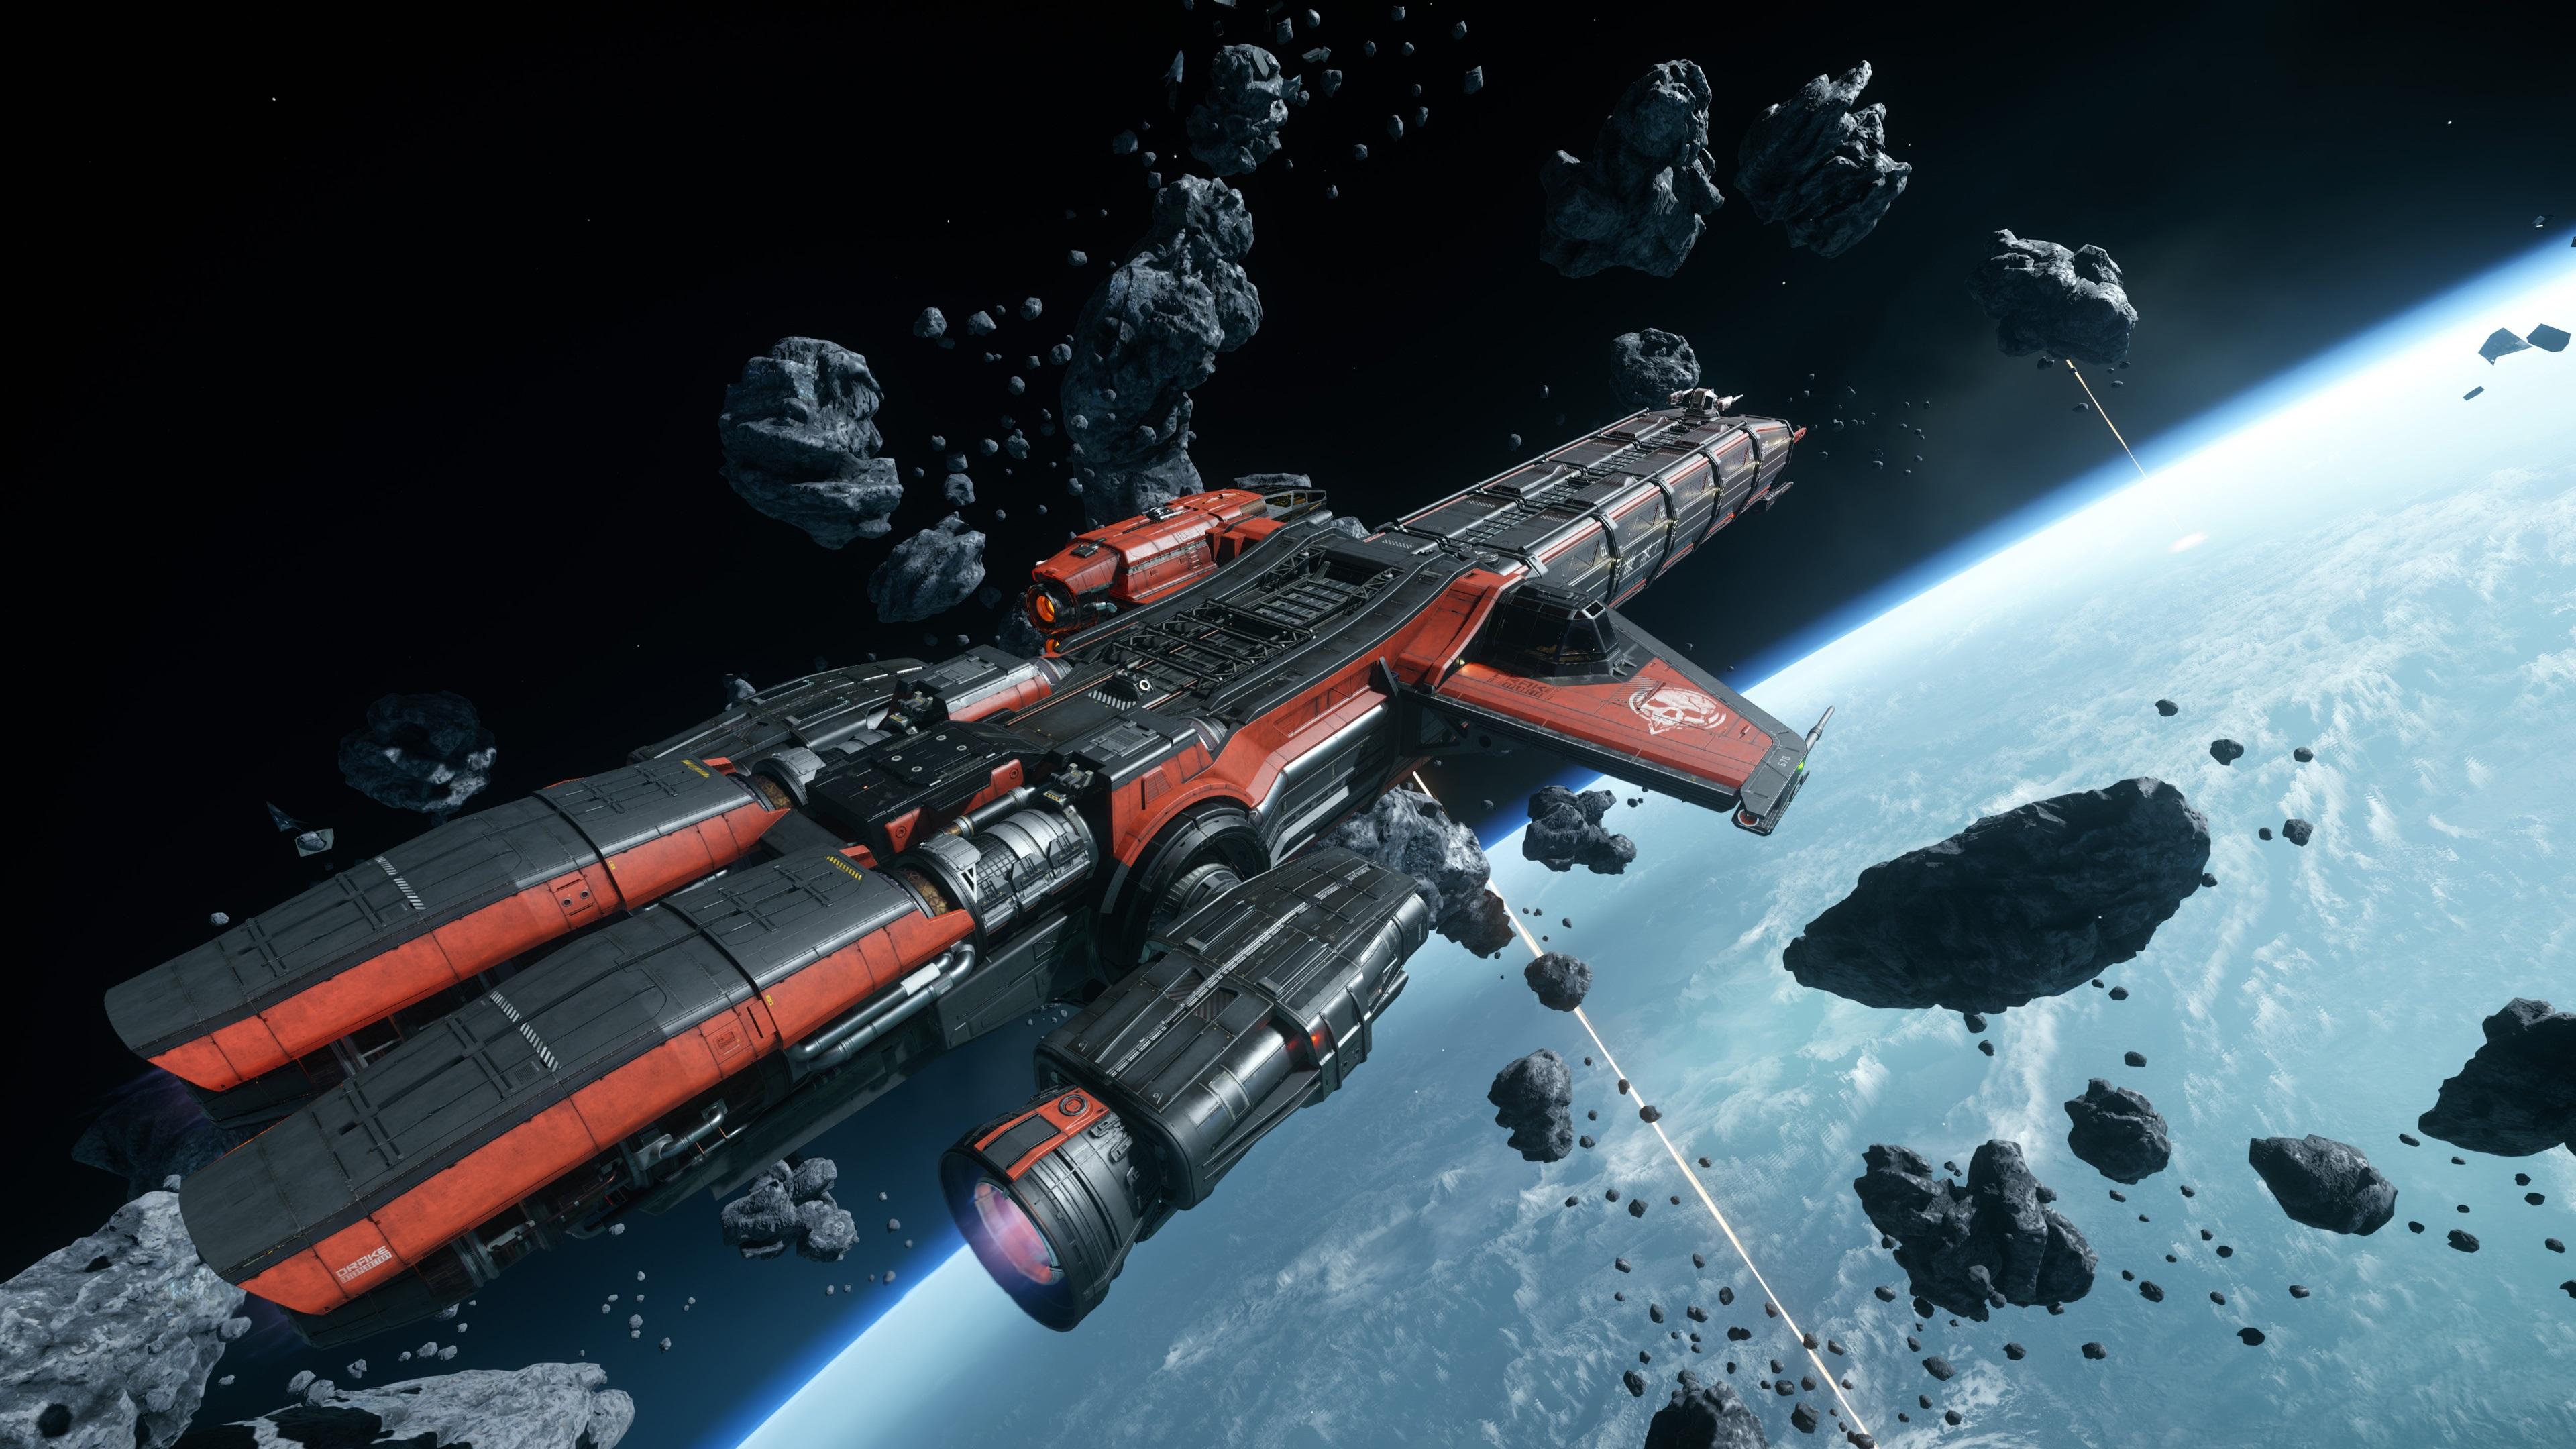 壁紙 スターシチズン 宇宙船 宇宙 Pcゲーム 3840x2160 Uhd 4k 無料のデスクトップの背景 画像